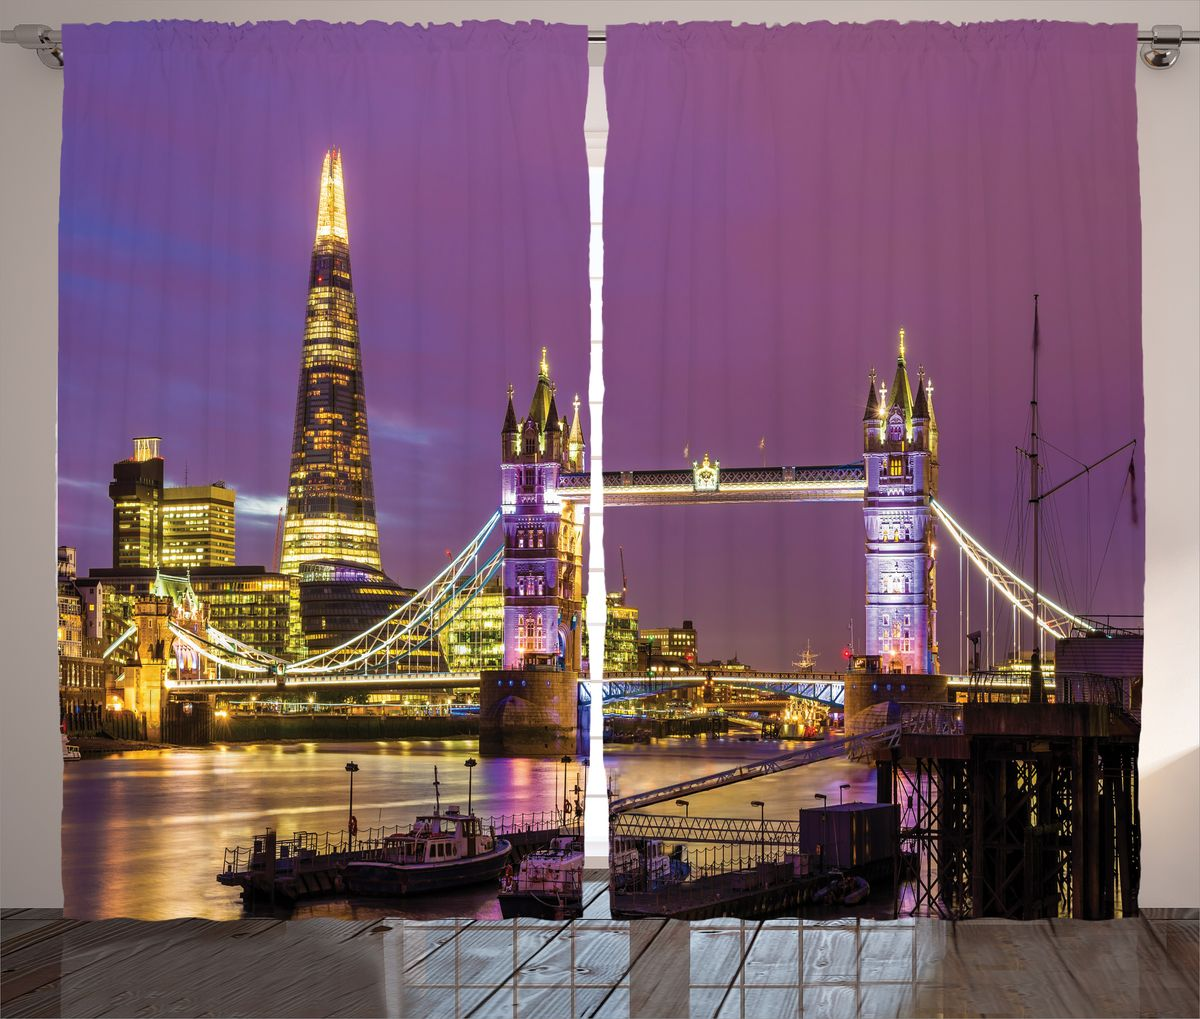 Комплект фотоштор Magic Lady Фиолетовый закат над Лондоном, на ленте, высота 265 см. шсг_14658шсг_2043Компания Сэмболь изготавливает шторы из высококачественного сатена (полиэстер 100%). При изготовлении используются специальные гипоаллергенные чернила для прямой печати по ткани, безопасные для человека и животных. Экологичность продукции Magic lady и безопасность для окружающей среды подтверждены сертификатом Oeko-Tex Standard 100. Крепление: крючки для крепления на шторной ленте (50 шт). Возможно крепление на трубу. Внимание! При нанесении сублимационной печати на ткань технологическим методом при температуре 240°С, возможно отклонение полученных размеров (указанных на этикетке и сайте) от стандартных на + - 3-5 см. Производитель старается максимально точно передать цвета изделия на фотографиях, однако искажения неизбежны и фактический цвет изделия может отличаться от воспринимаемого по фото. Обратите внимание! Шторы изготовлены из полиэстра сатенового переплетения, а не из сатина (хлопок). Размер одного полотна шторы: 145х265 см. В комплекте 2 полотна шторы и 50 крючков.